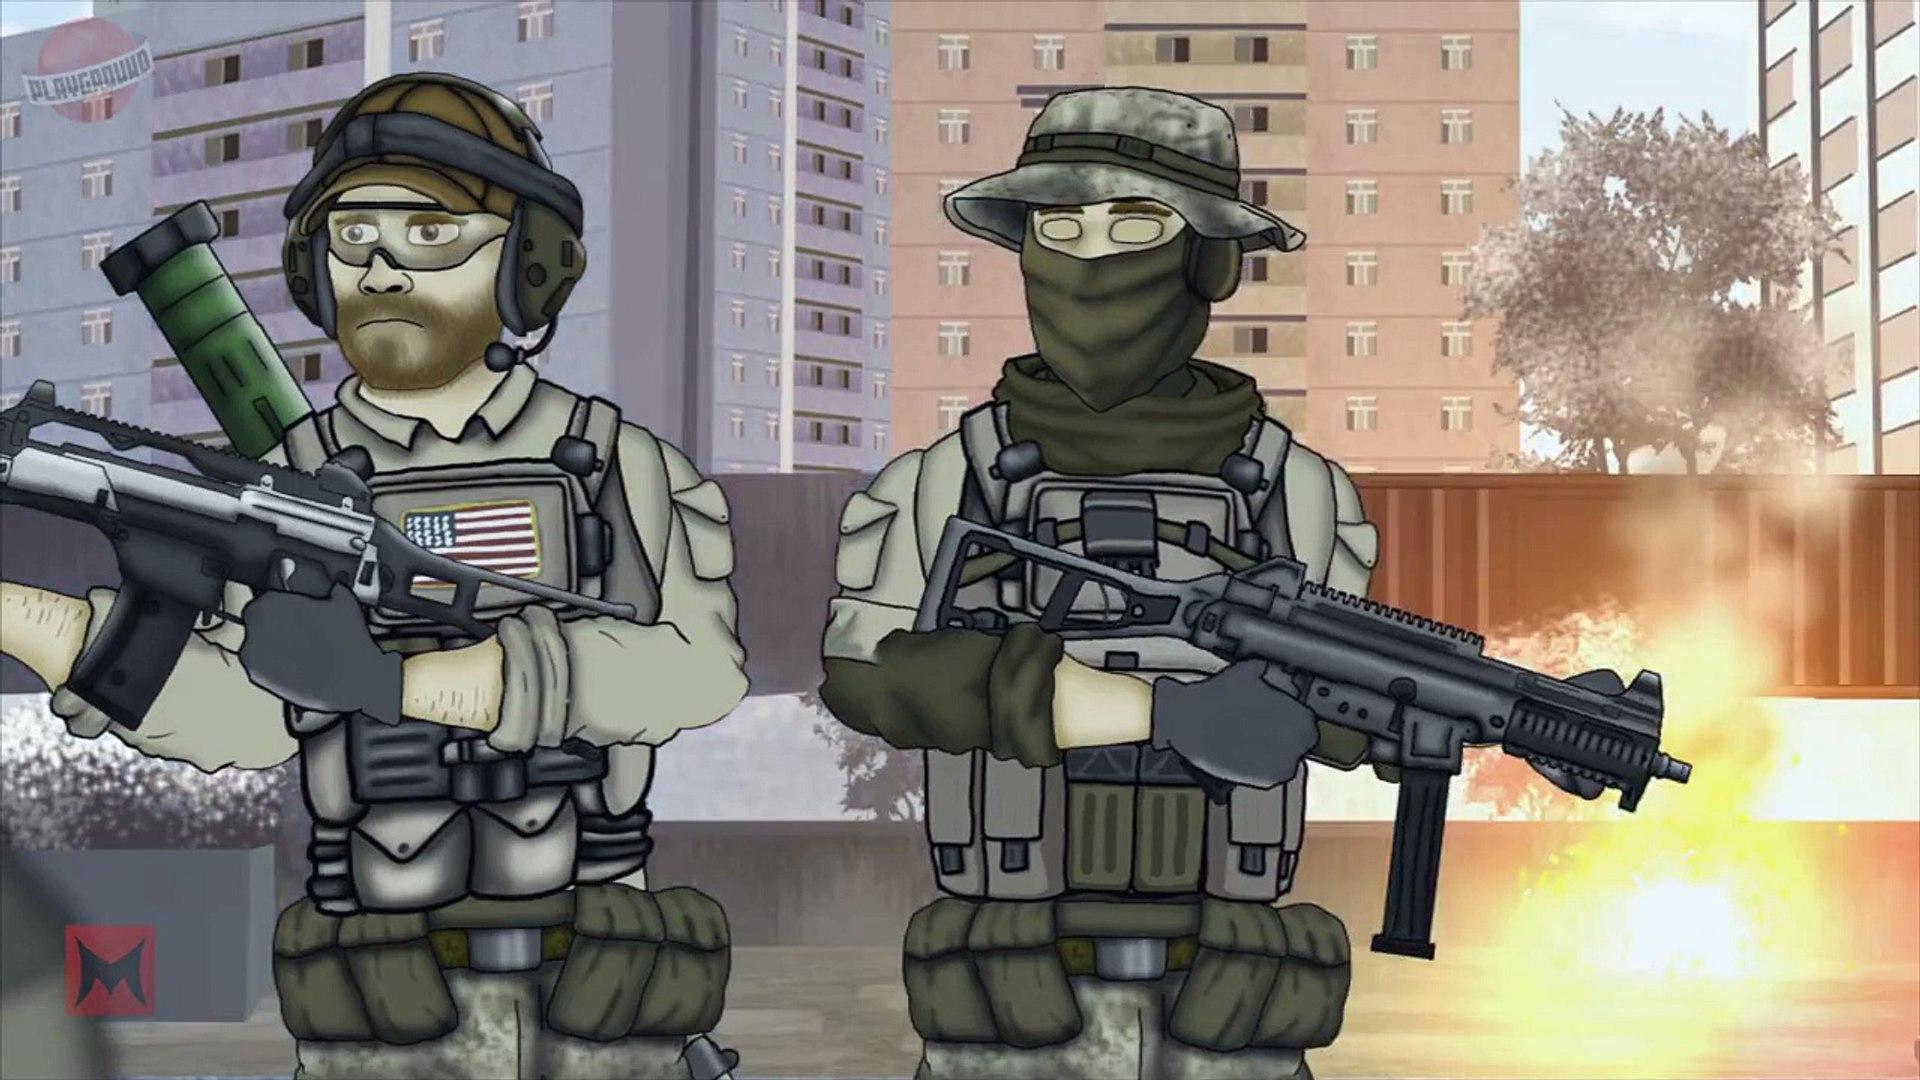 Друзья по Battlefield - Поезд хайпа 6 сезон 15 серия